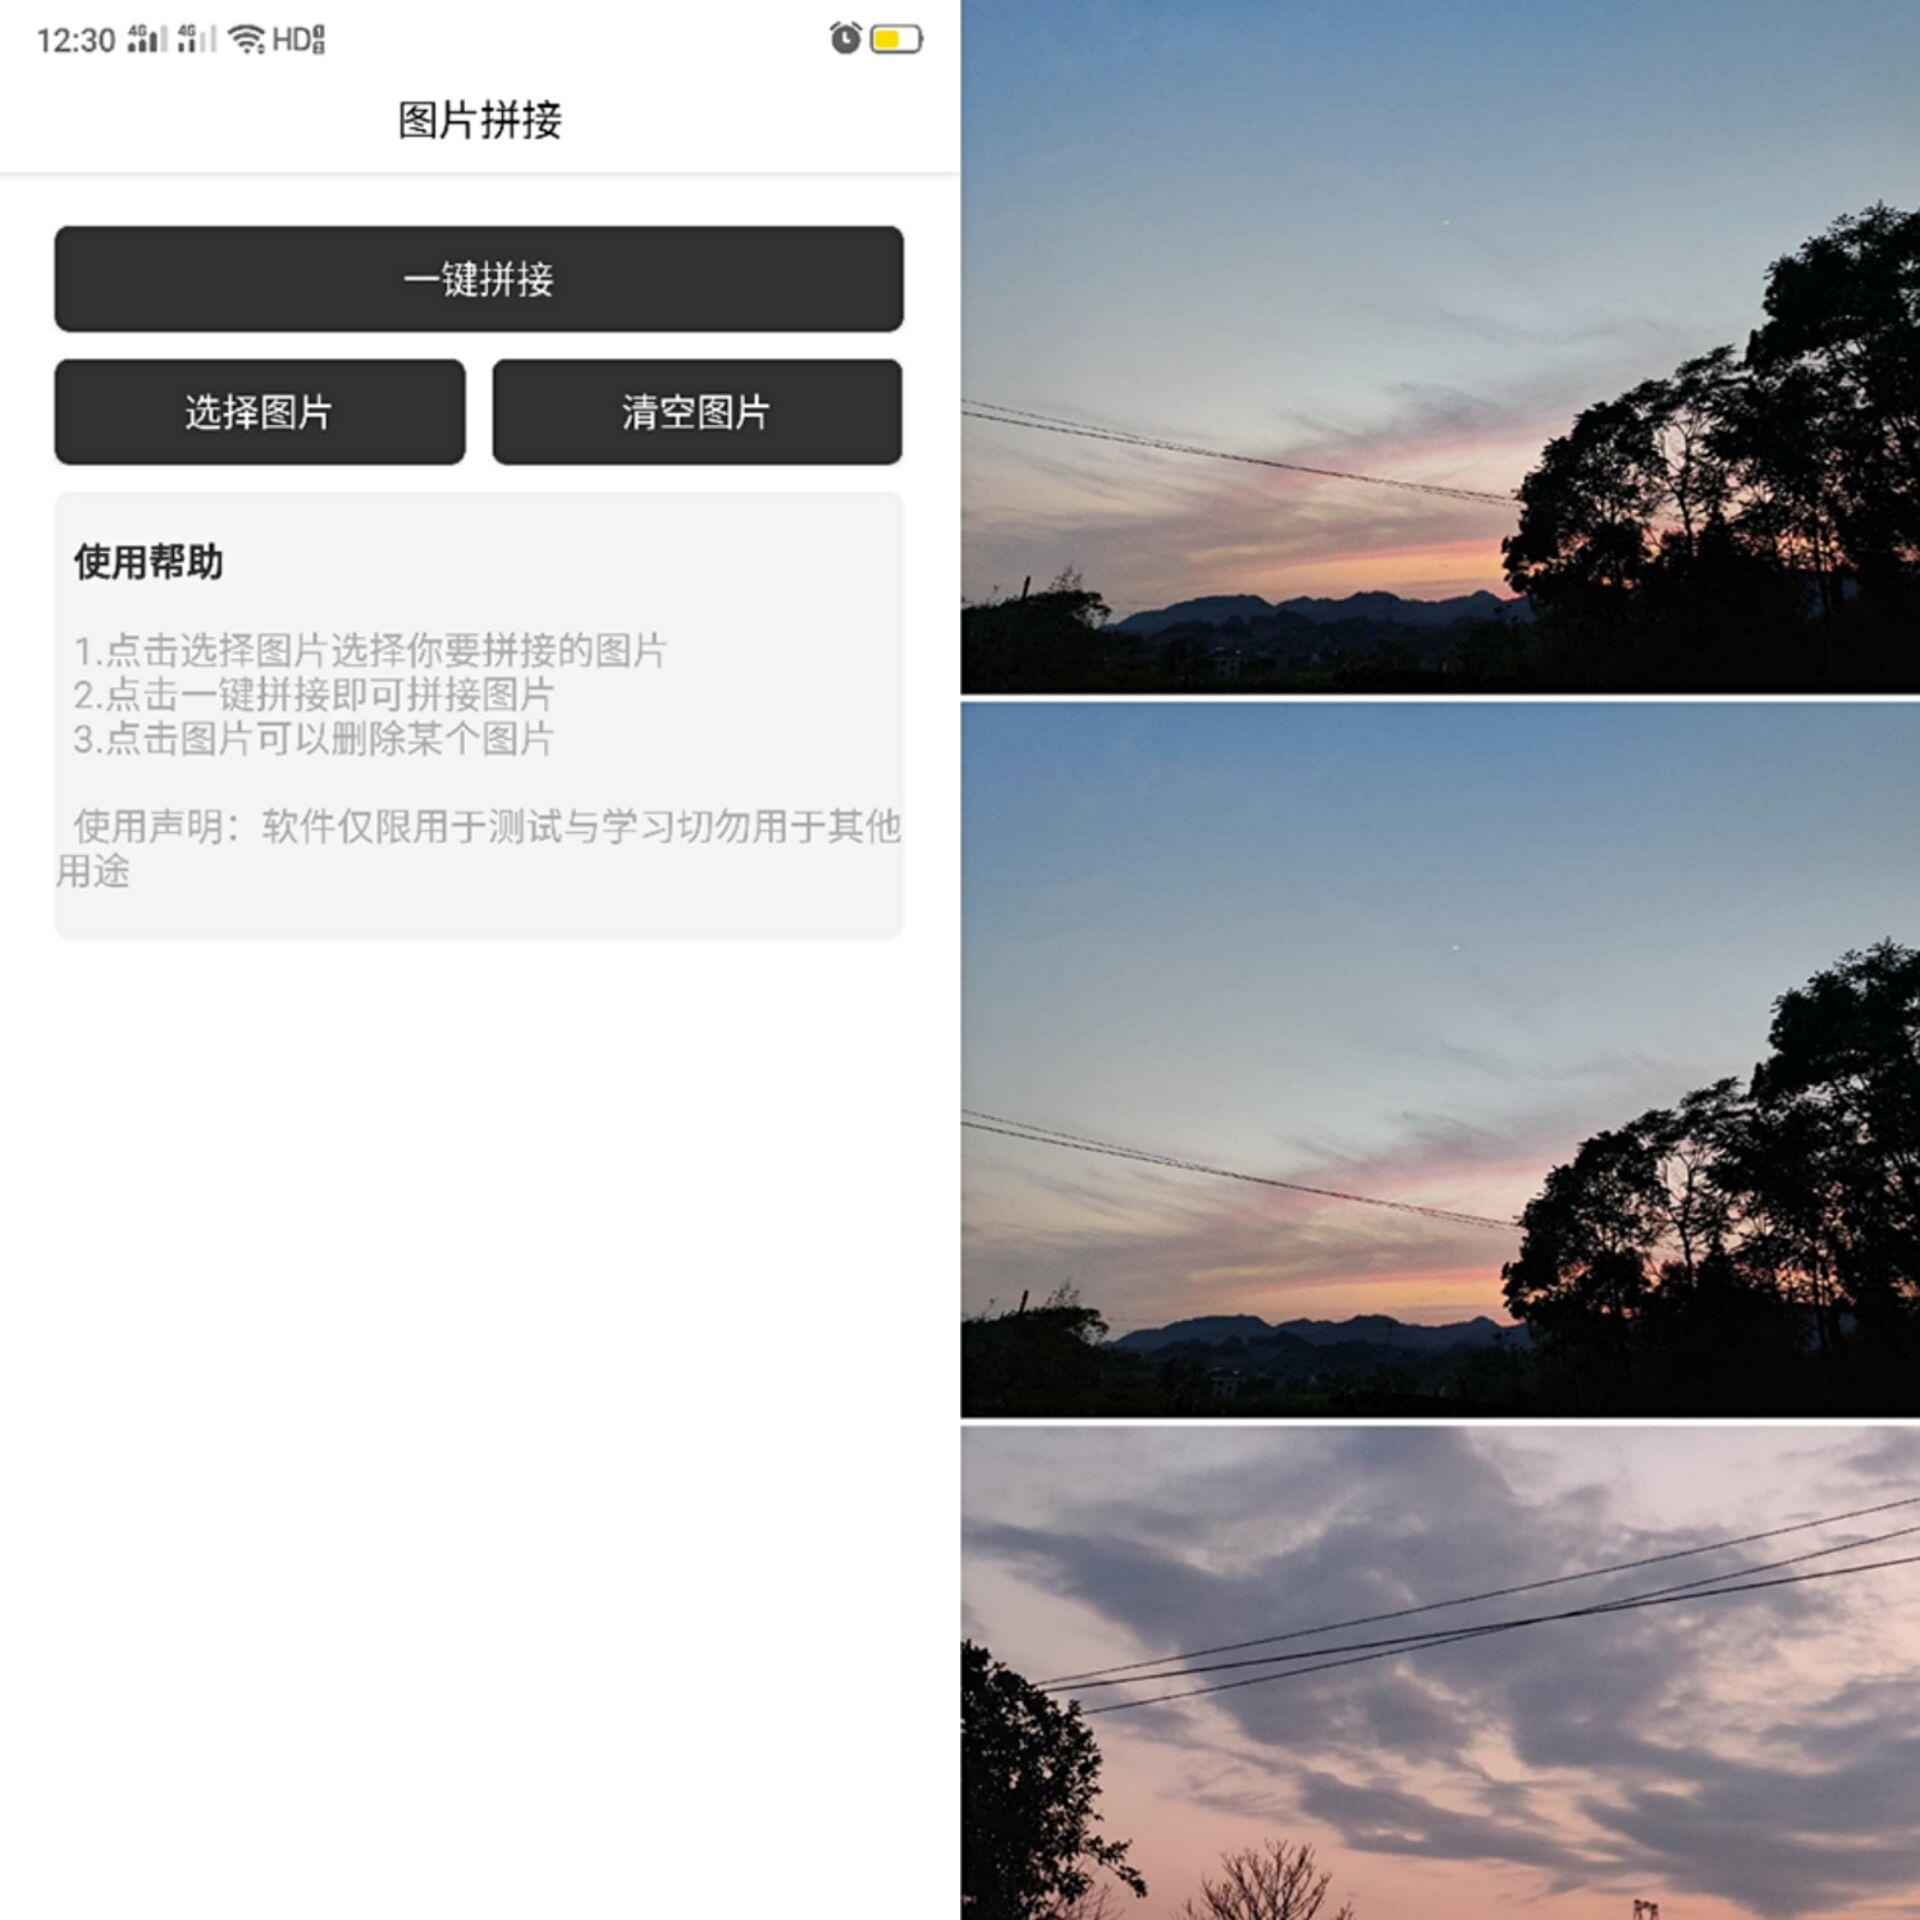 『安卓软件』图片接拼,『安卓软件』图片接拼,第1张